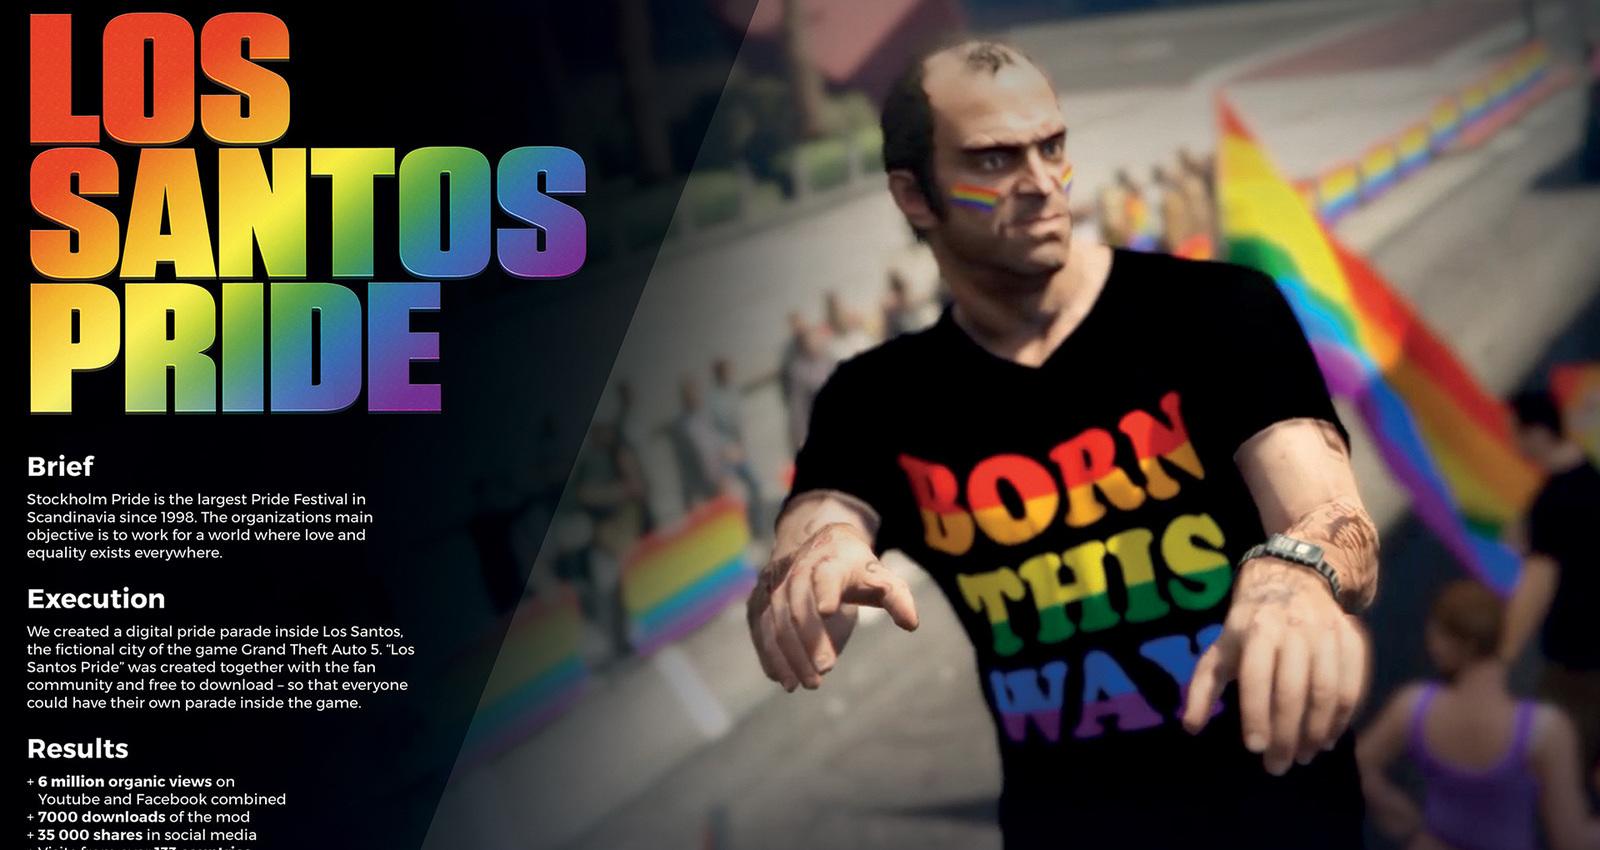 Los Santos Pride